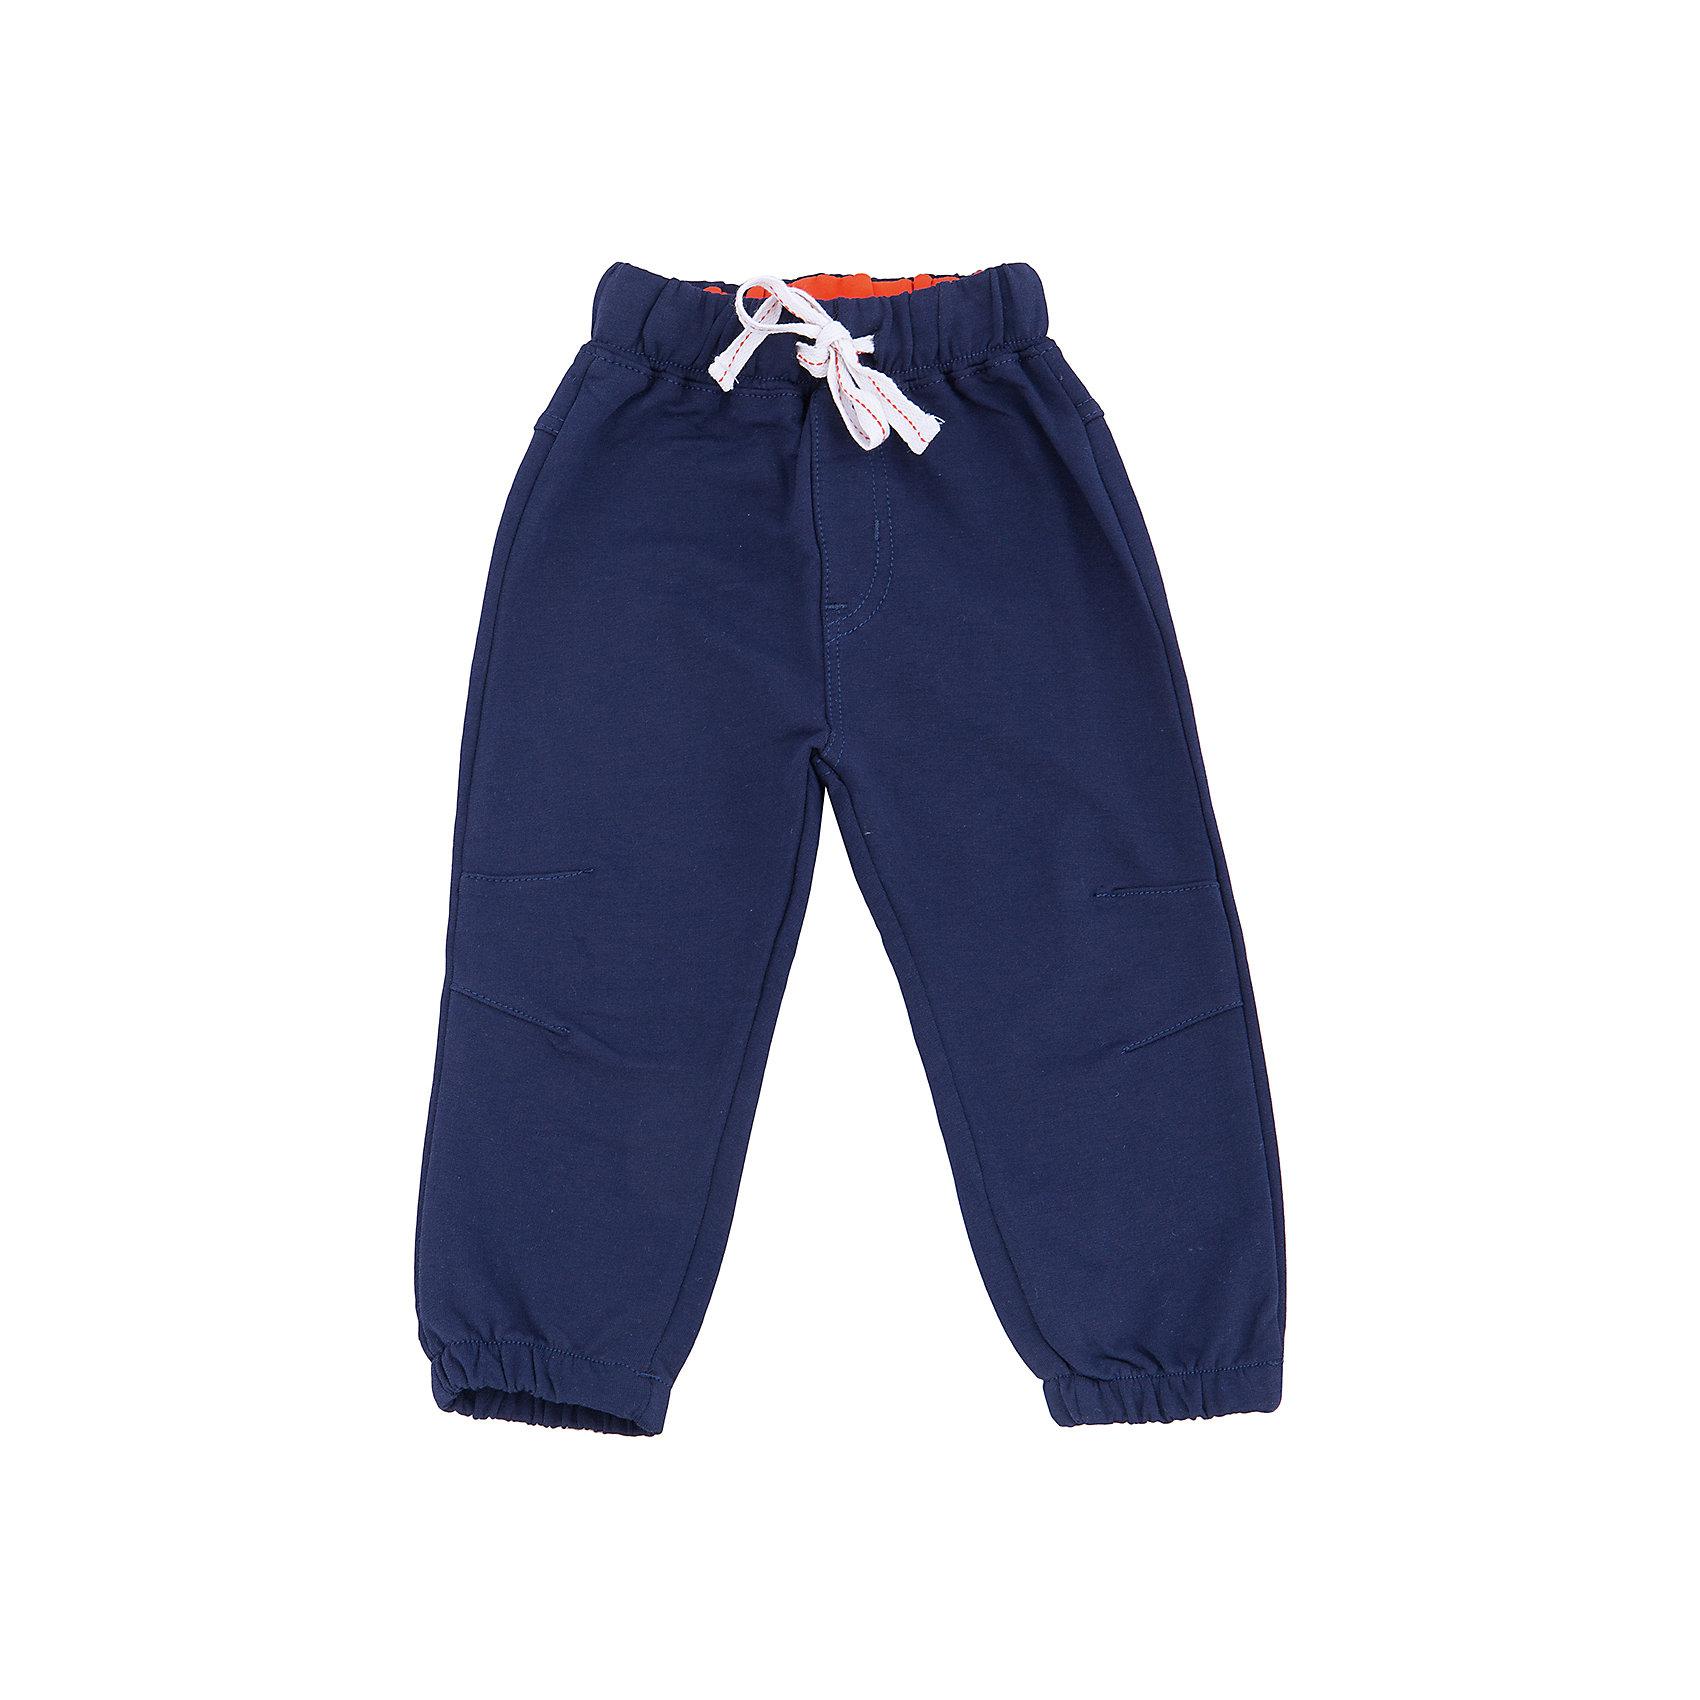 Брюки для мальчика Sweet BerryБрюки<br>Спортивные брюки для мальчиков от торговой марки Sweet Berry. Брюки немаркого черного цвета, имеют эластичный пояс с декоративной жаккардовой резинкой, с дополнительным хлопковым белым шнурком.<br> Дополнительная информация:<br><br>- комплектация: брюки<br>- материал:  95% хлопок 5% эластан<br>- коллекция: осень-зима 2016<br>- сезон: зима<br>- пол: для мальчиков<br>- возраст: детский<br>- цвет: черный<br>- размер упаковки (дхшхв), 27 * 15 * 2 см<br>- вес в упаковке, 155 г<br><br>Брюки для мальчика торговой марки Sweet Berry можно купить в нашем интернет-магазине<br><br>Ширина мм: 215<br>Глубина мм: 88<br>Высота мм: 191<br>Вес г: 336<br>Цвет: синий<br>Возраст от месяцев: 12<br>Возраст до месяцев: 15<br>Пол: Мужской<br>Возраст: Детский<br>Размер: 80,98,86,92<br>SKU: 4929857